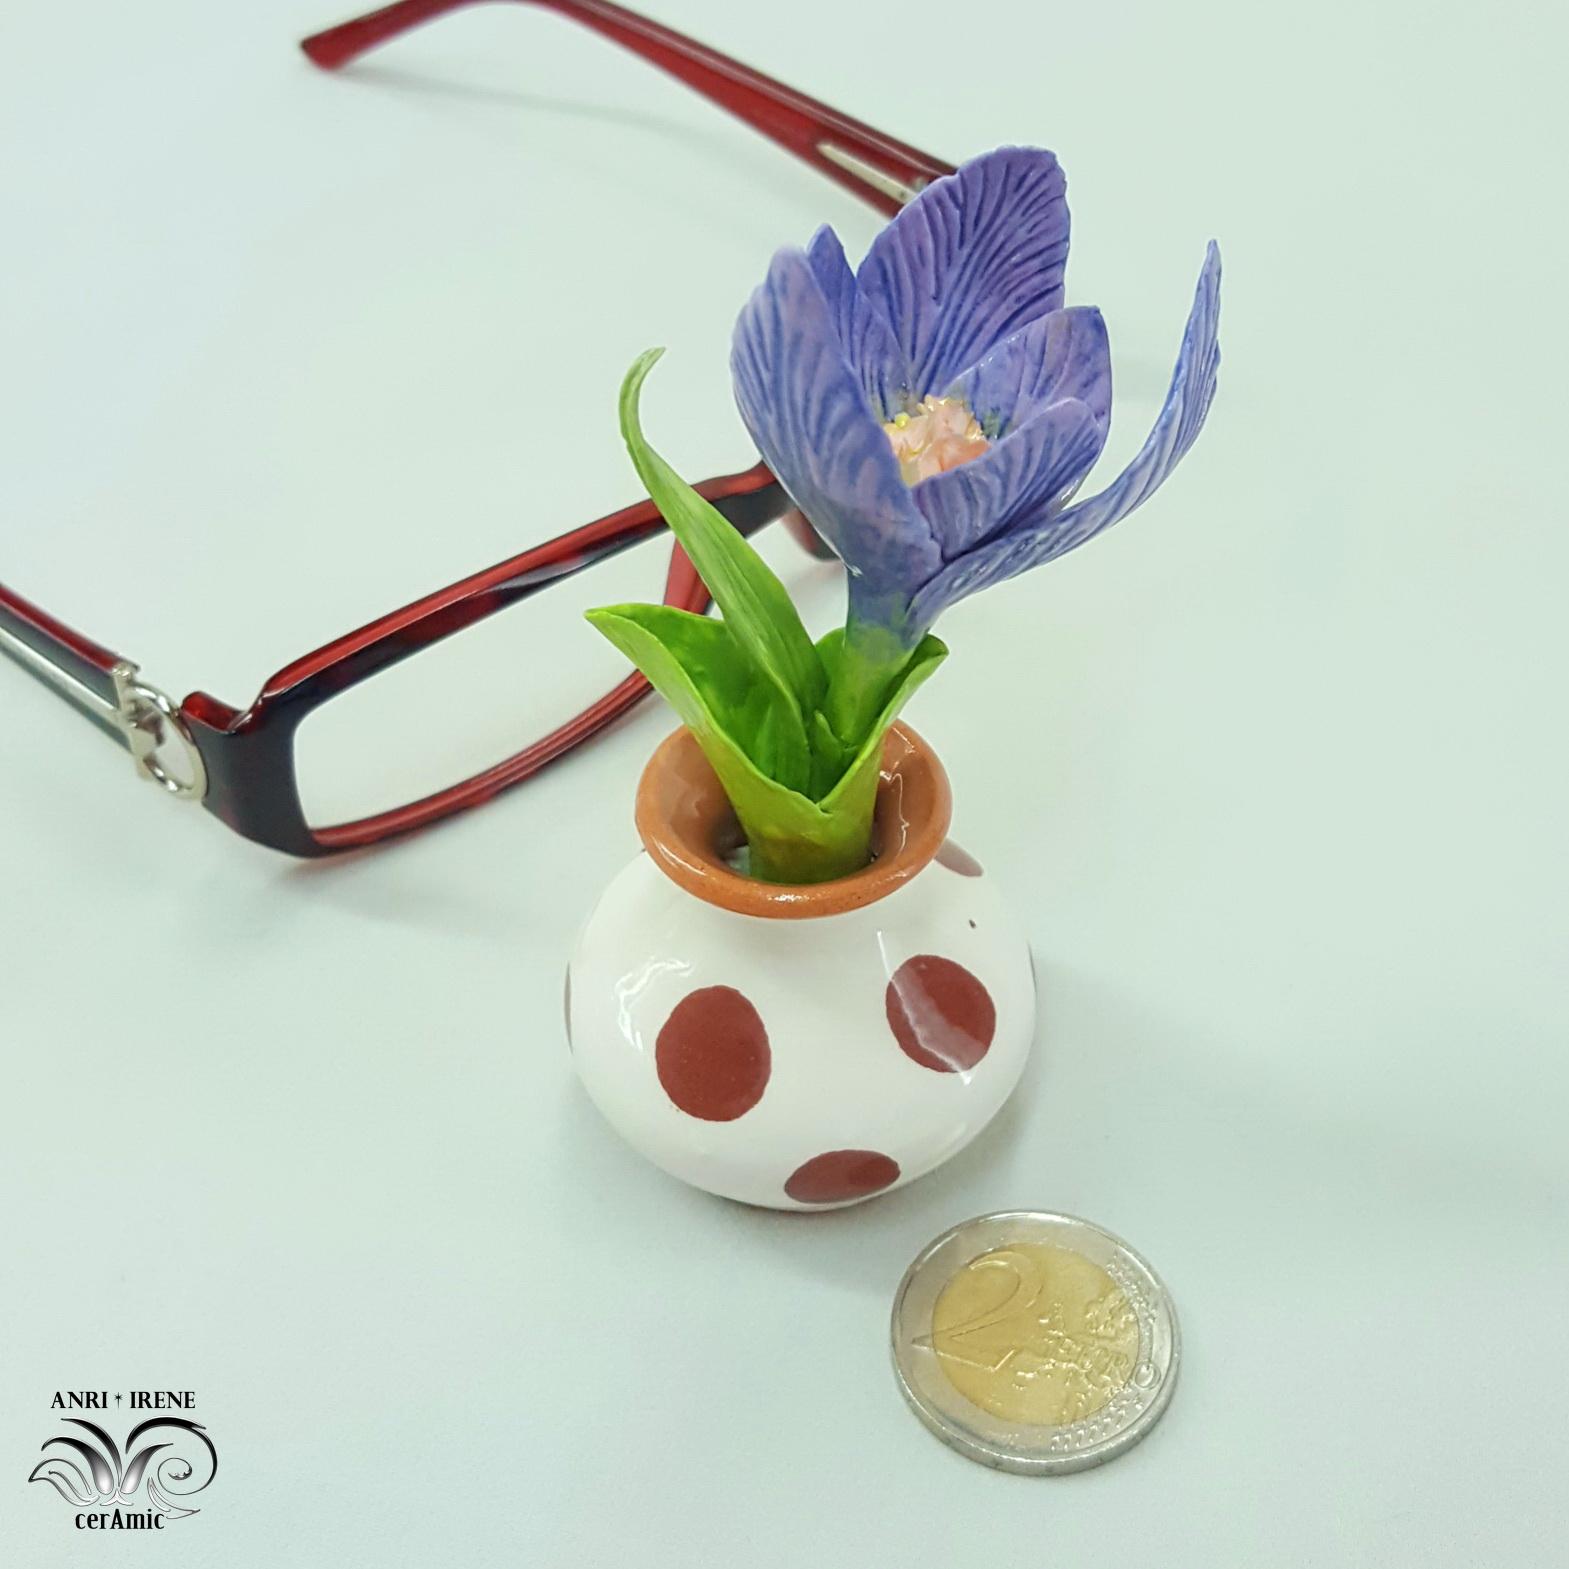 Ceramic flower crocus